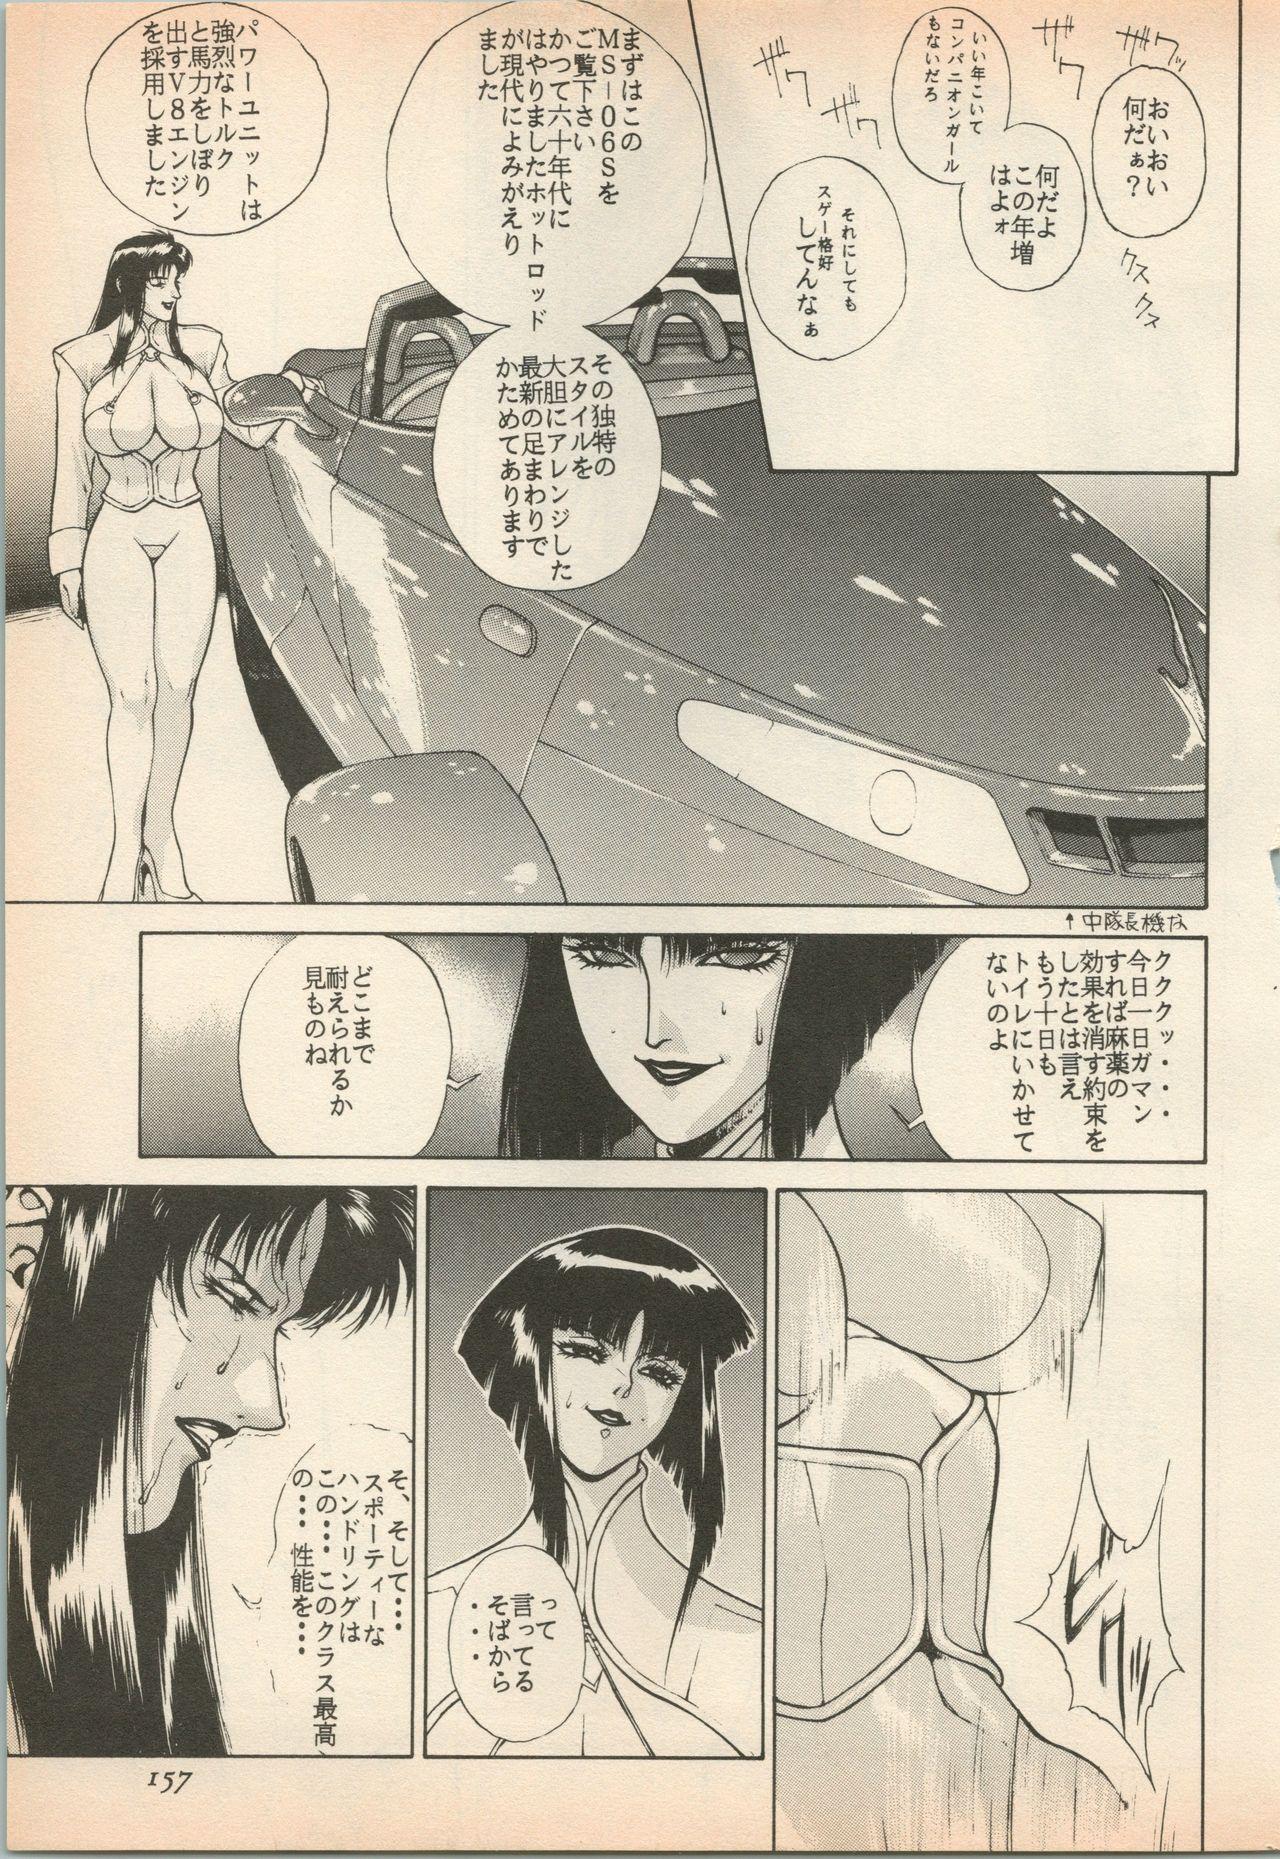 Shin Bishoujo Shoukougun 5 Fukkatsu hen 159